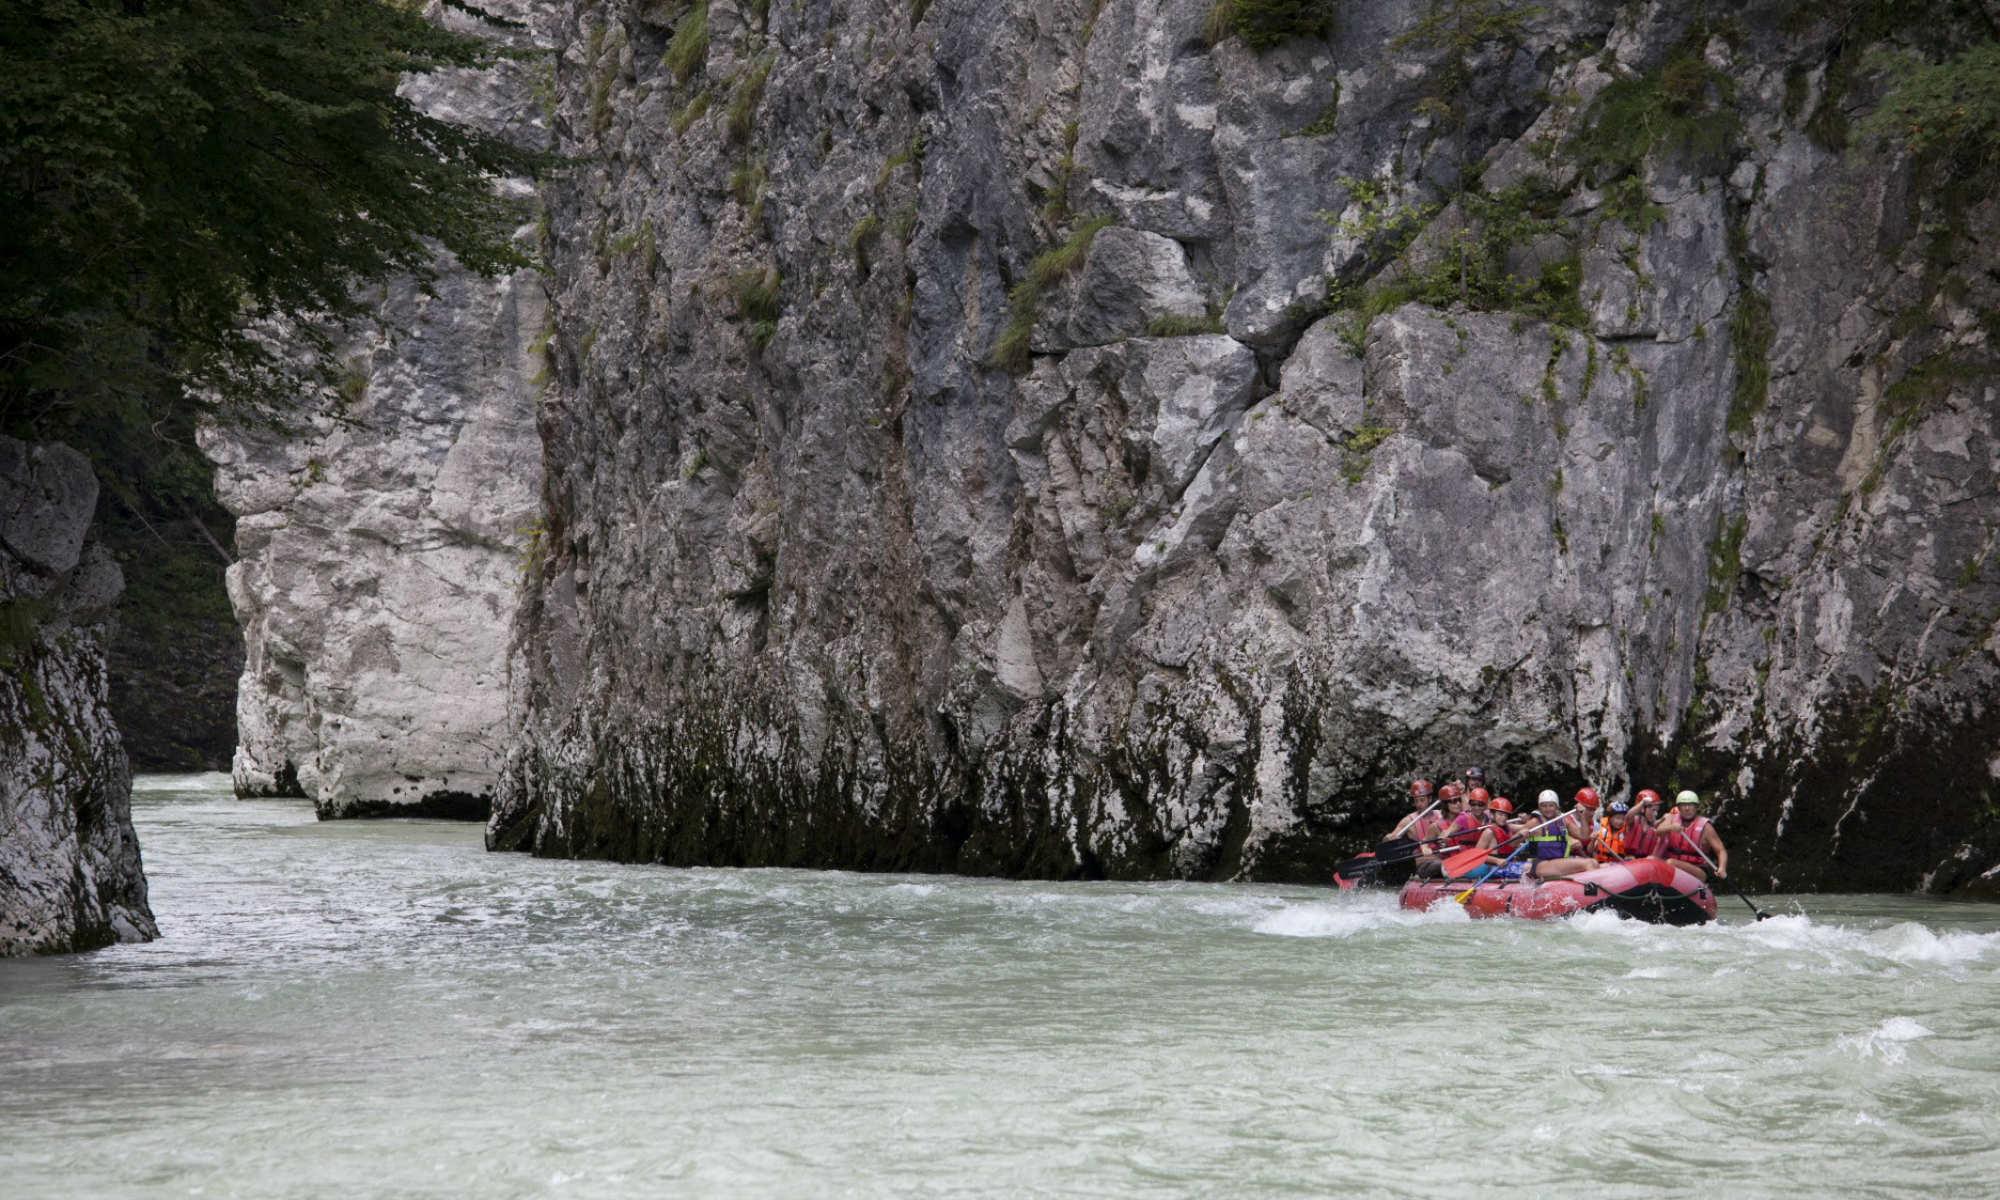 Eine Rafting Tour durch eine Schlucht im Tiroler Kaiserwinkl.